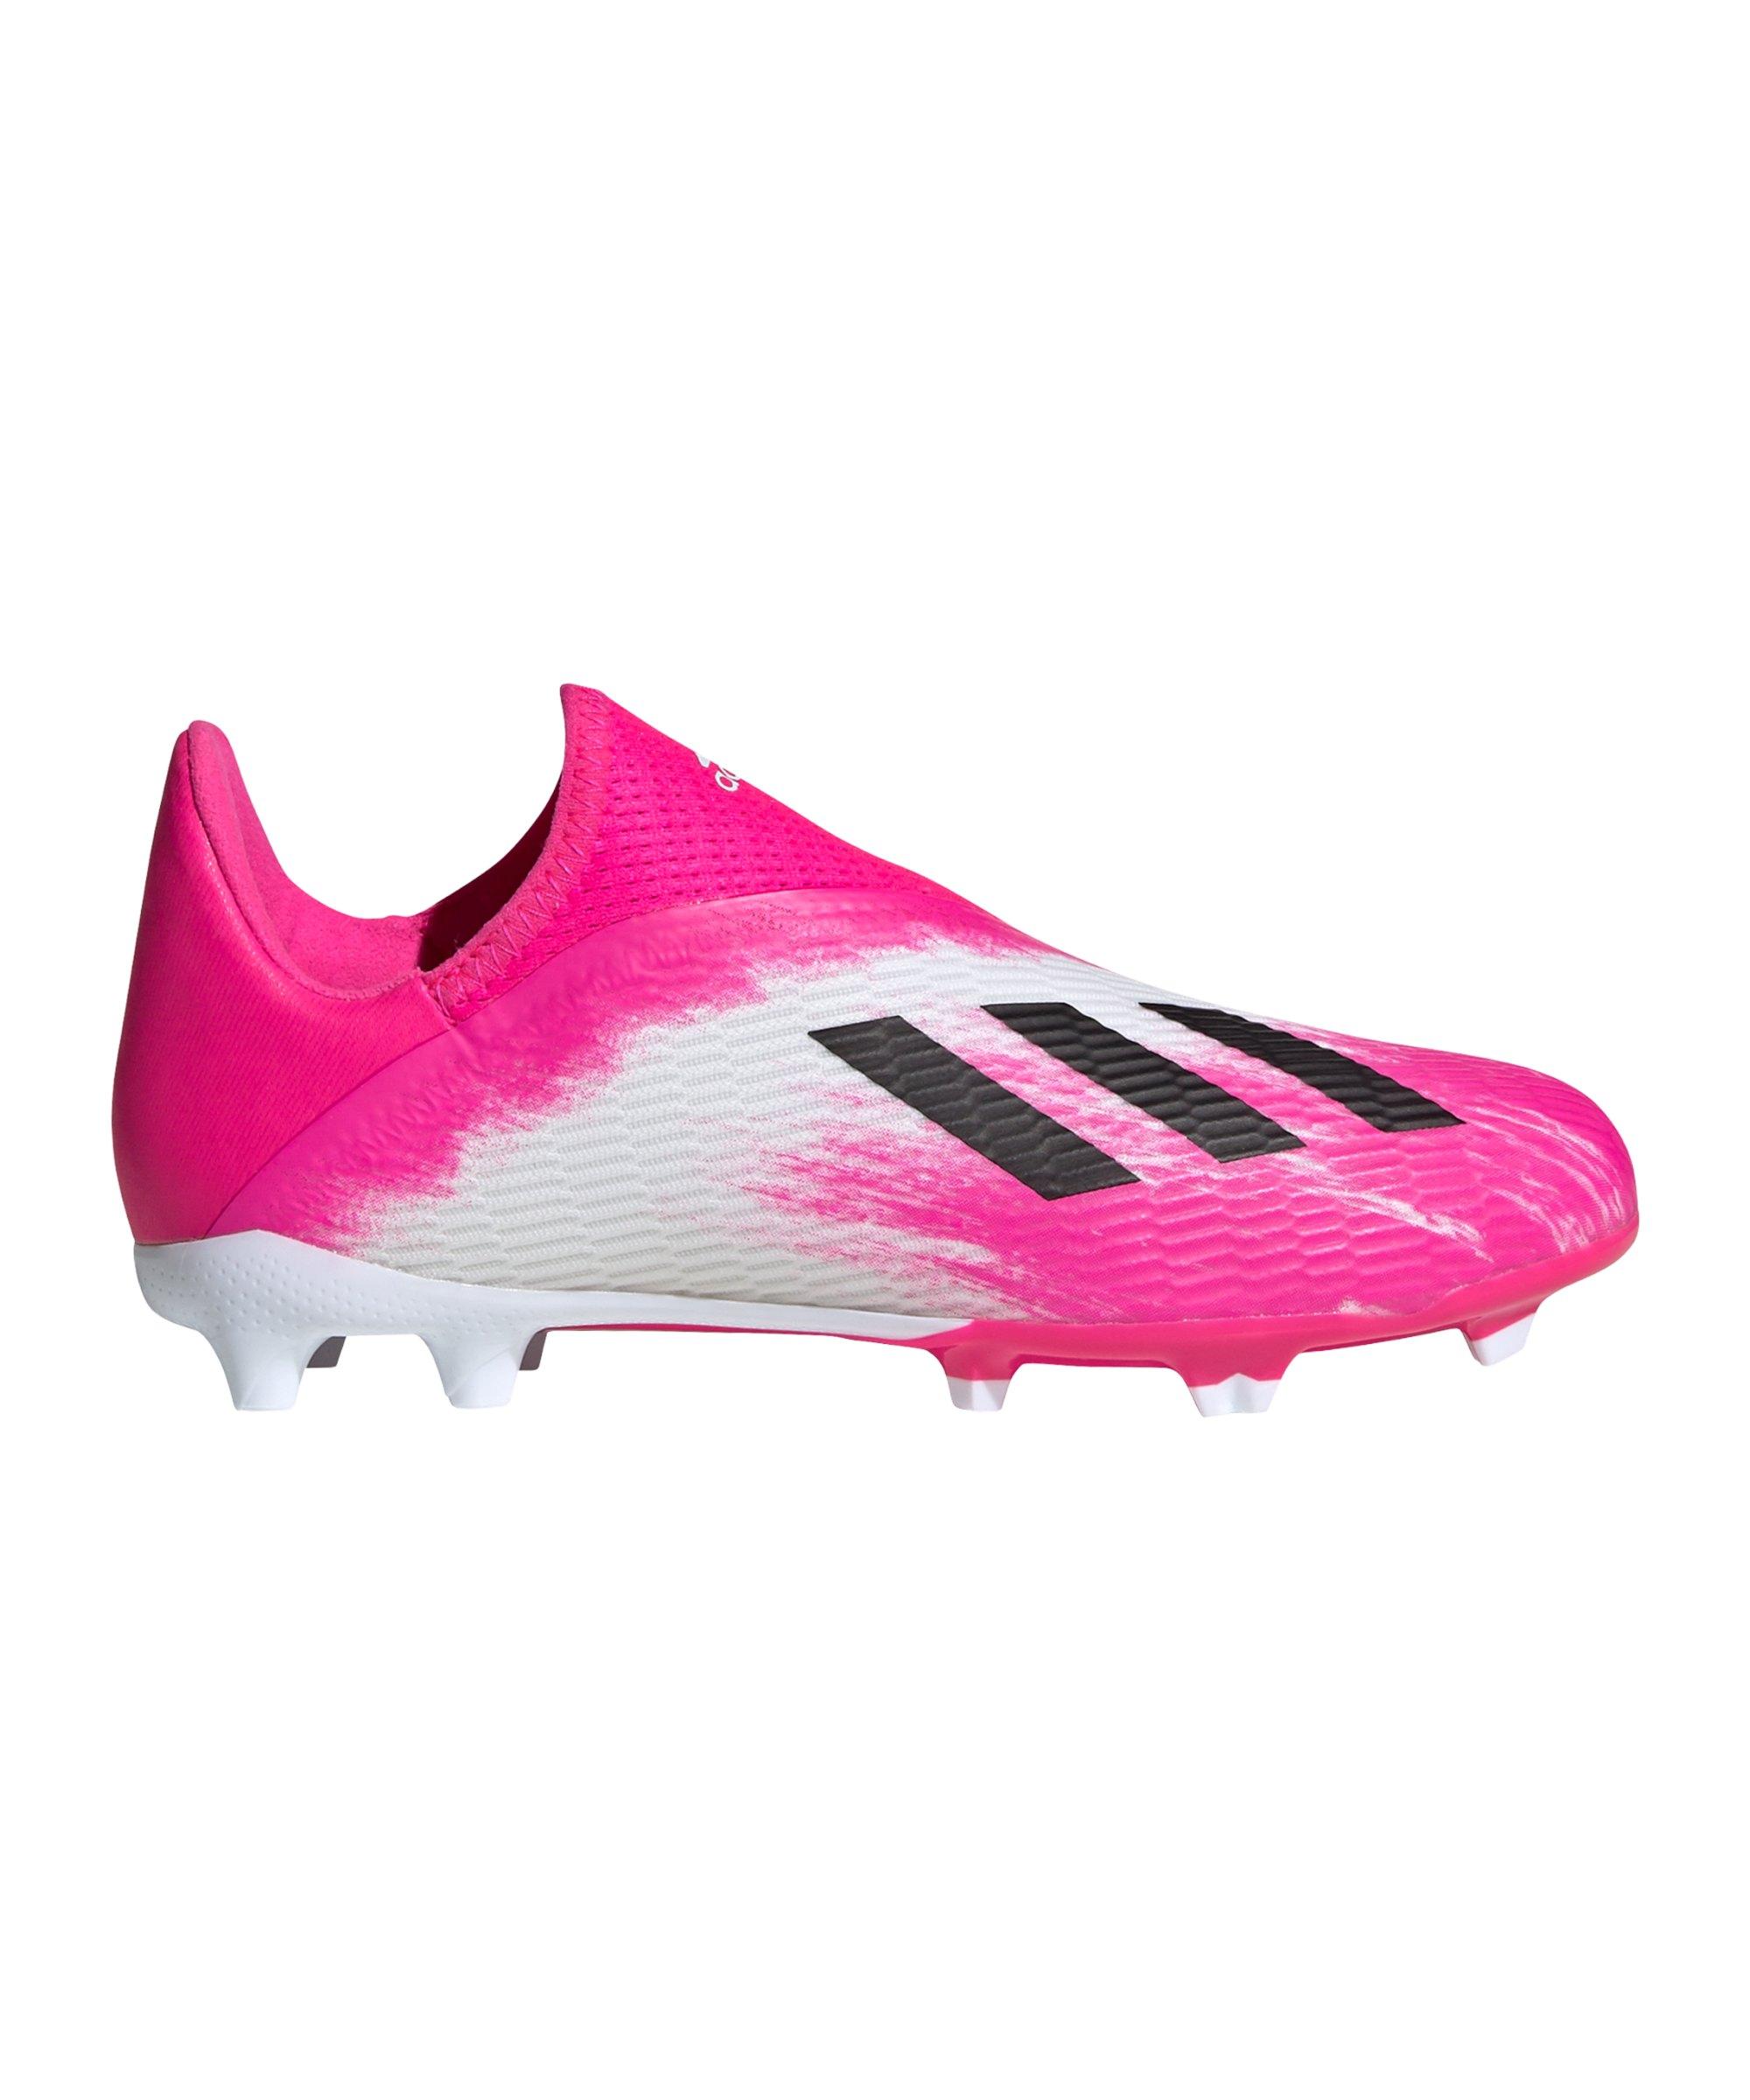 adidas X 19.3 LL FG J Kids Weiss Pink - weiss